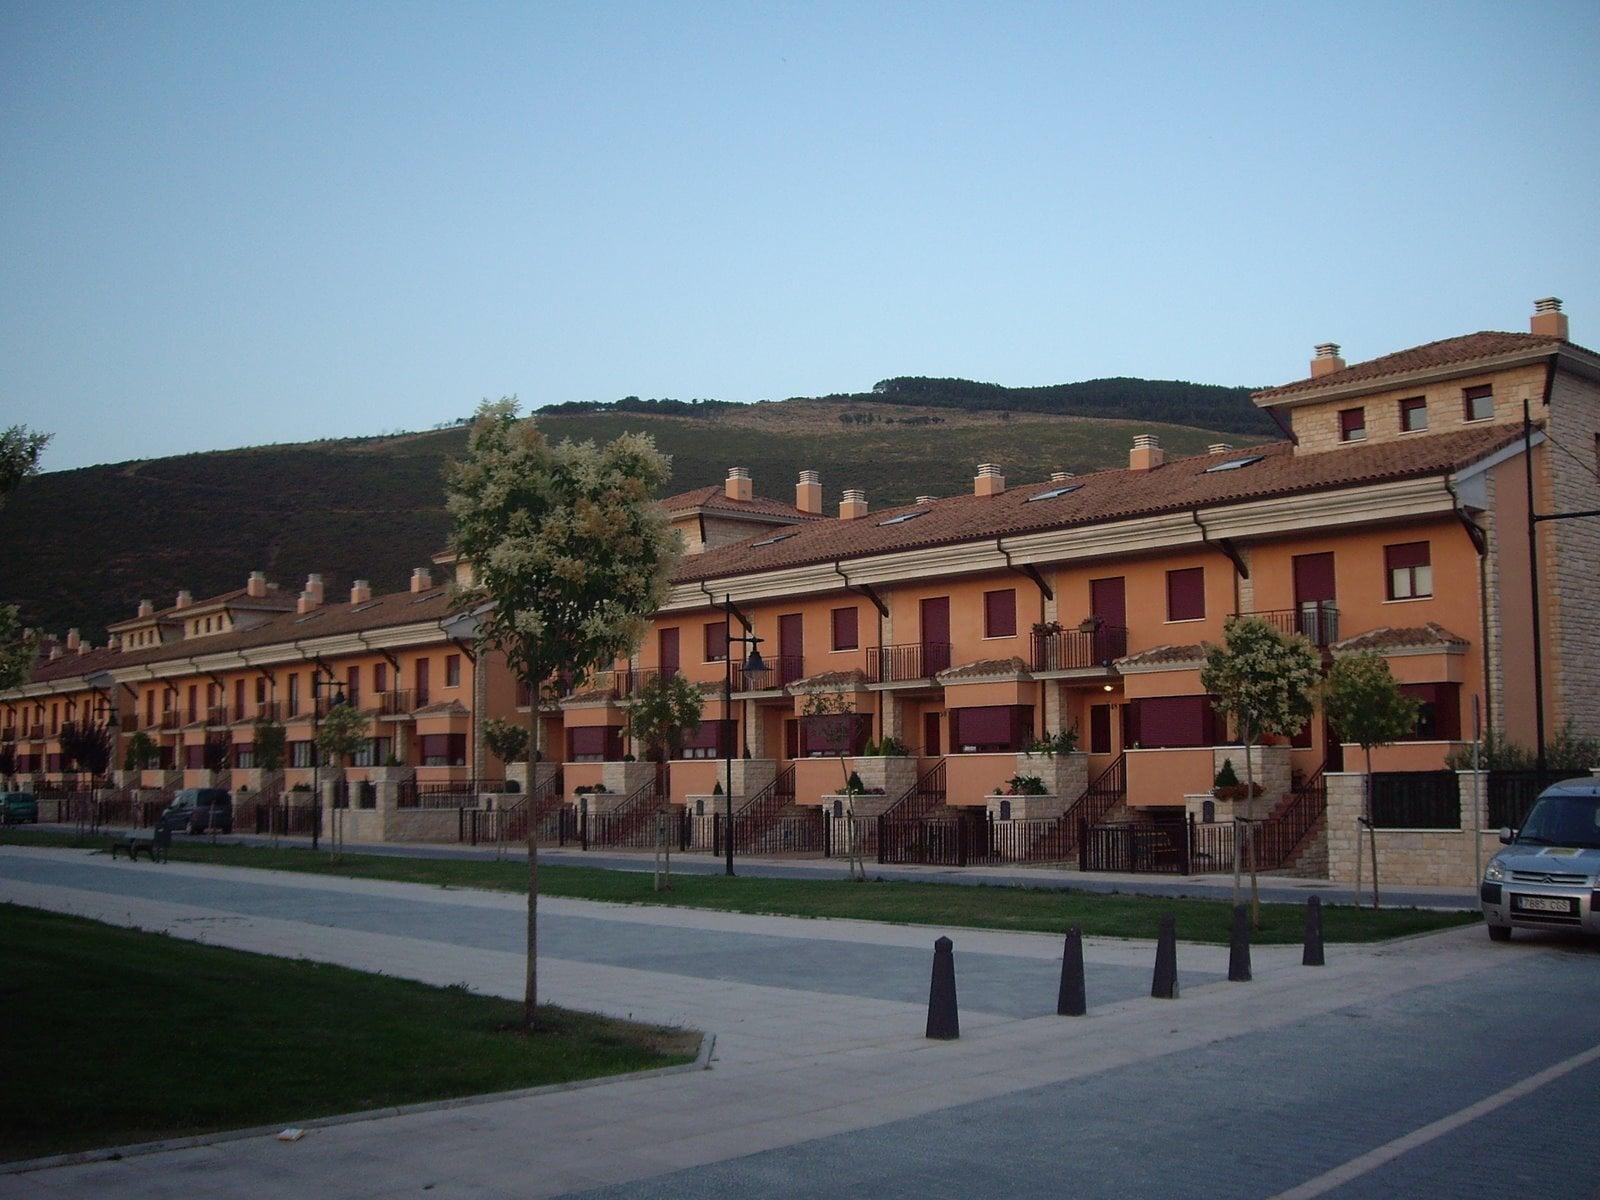 Tu arquitecto de cabecera para mantener la salud de tu edificio - Eduardo Apesteguia Zubillaga, arquitecto técnico en Navarra.